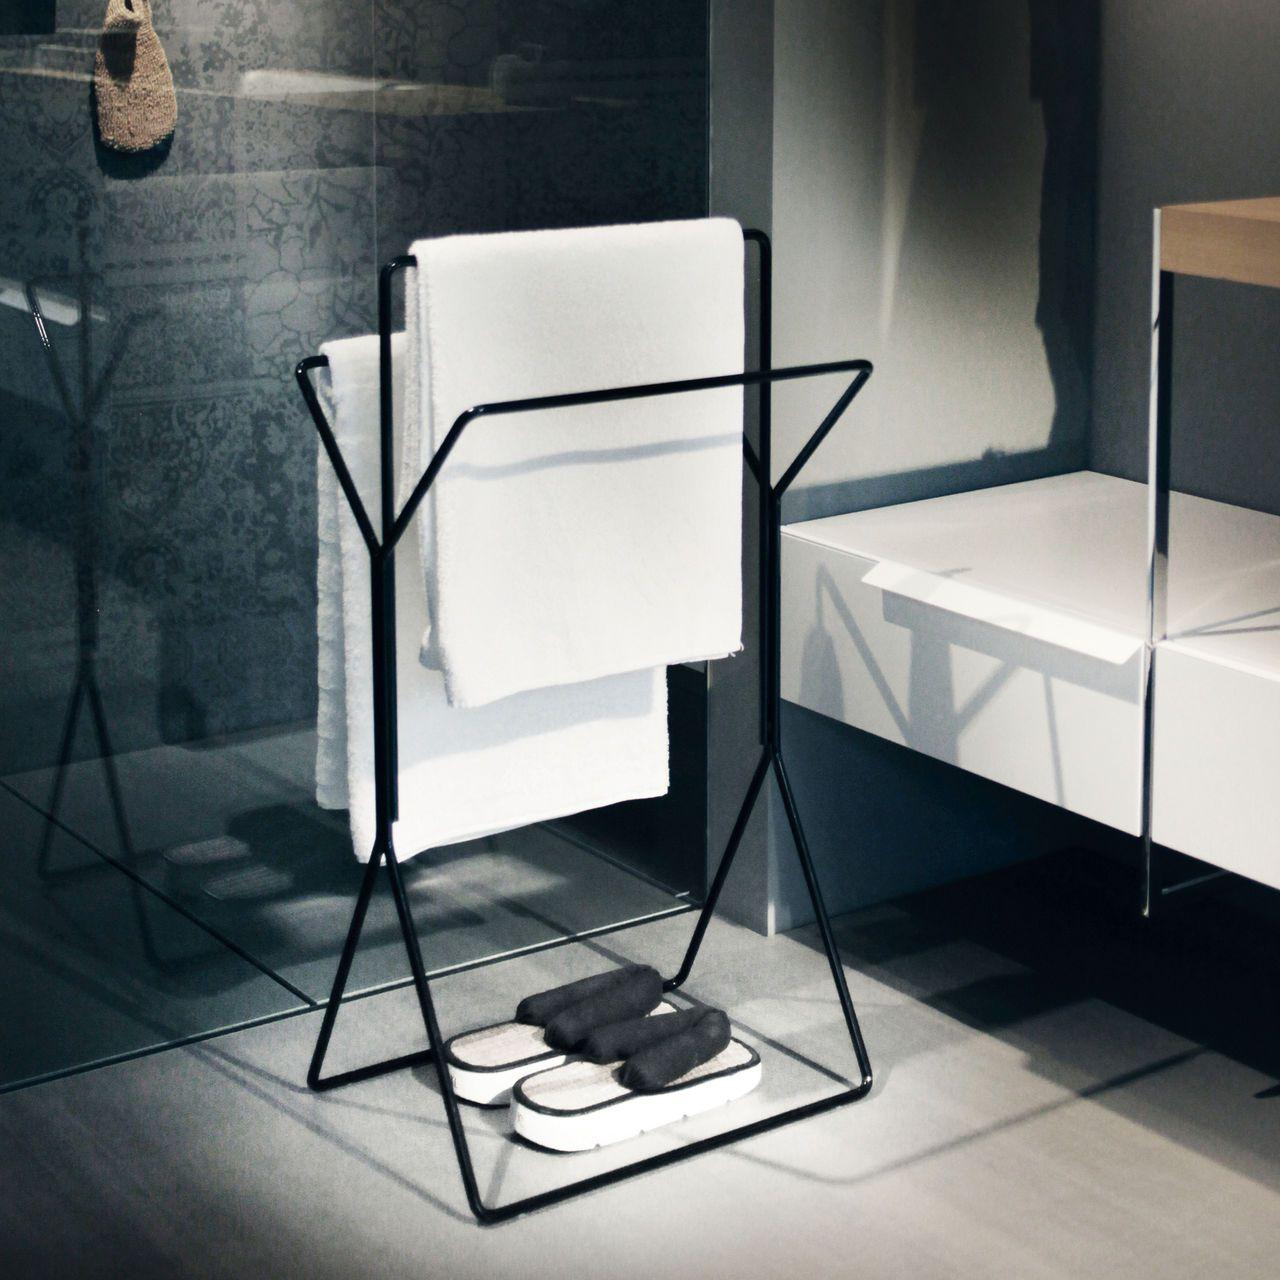 Stummer Diener Und Handtuchhalter Mit Ganz Viel Stil Arredamento Bagno Bagni Moderni Idee Per La Casa